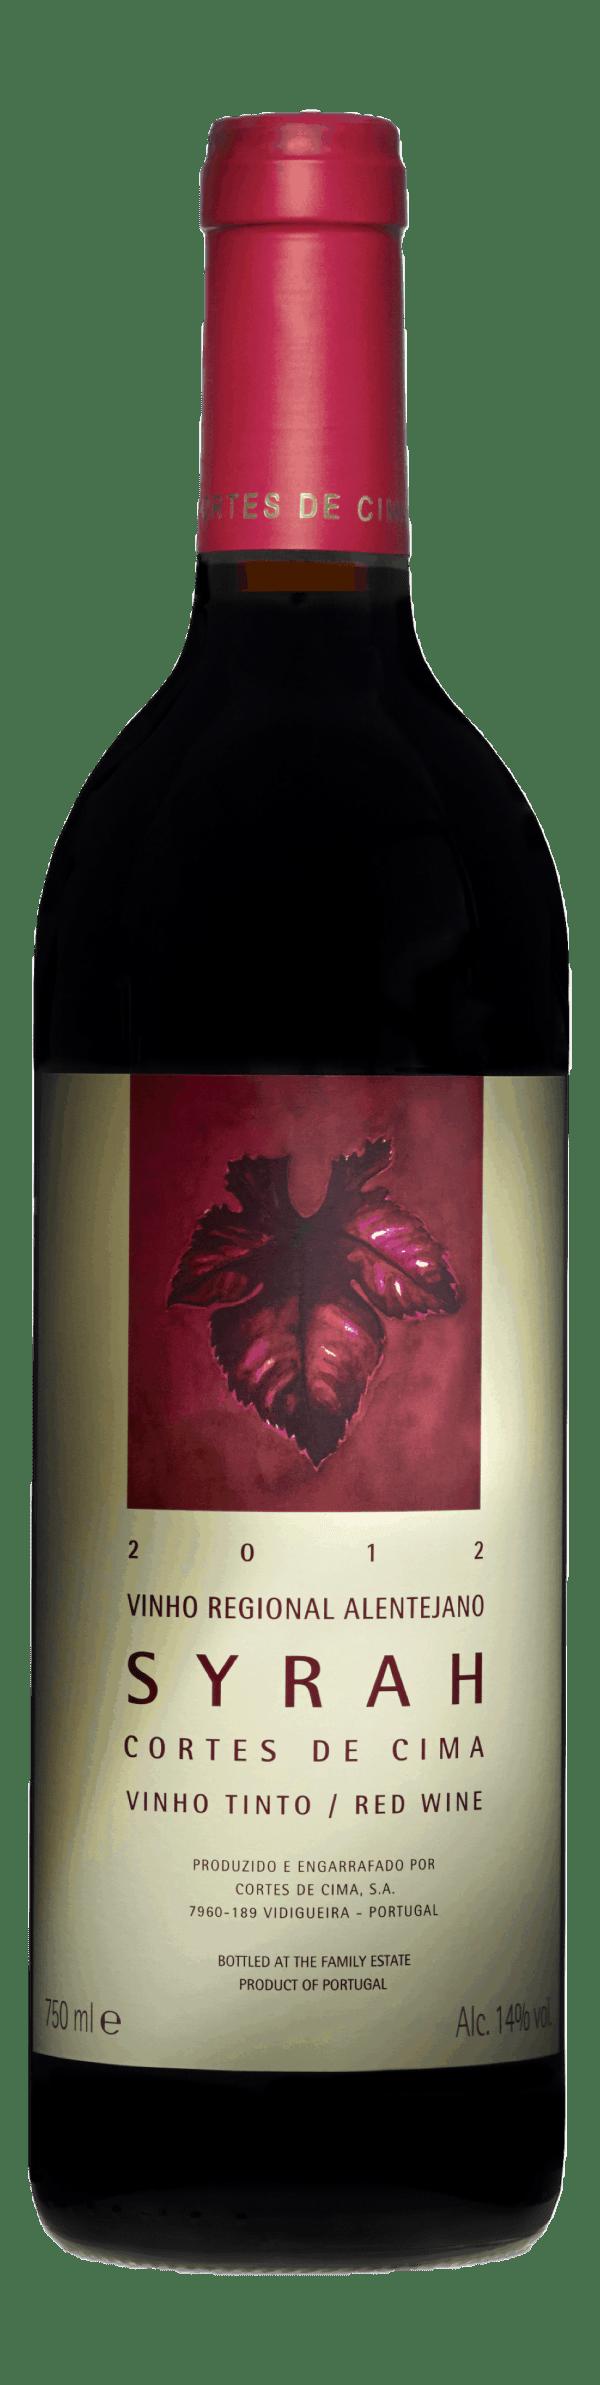 Portugalské víno Cortes de Cima Syrah na eshopu vín z Portugalska